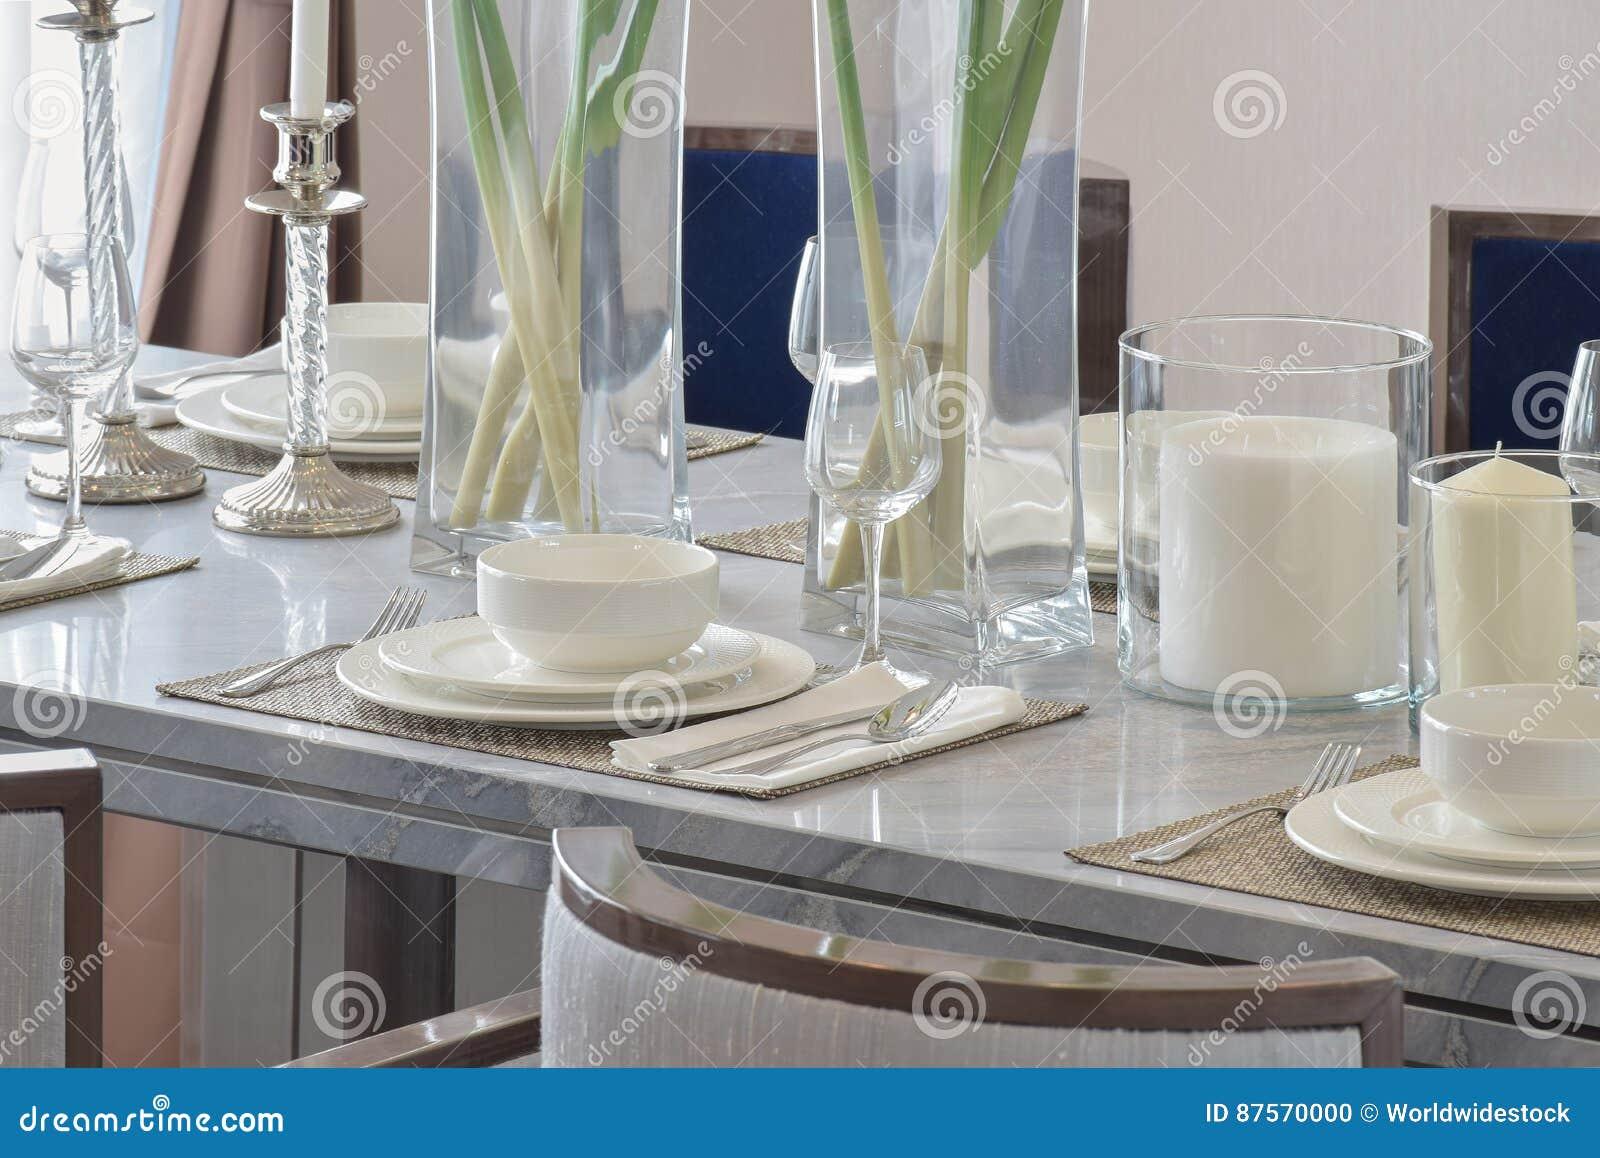 La Table élégante A Placé Sur La Table De Salle à Manger De Marbre Dans  Lu0027intérieur Moderne De Salle à Manger De Style